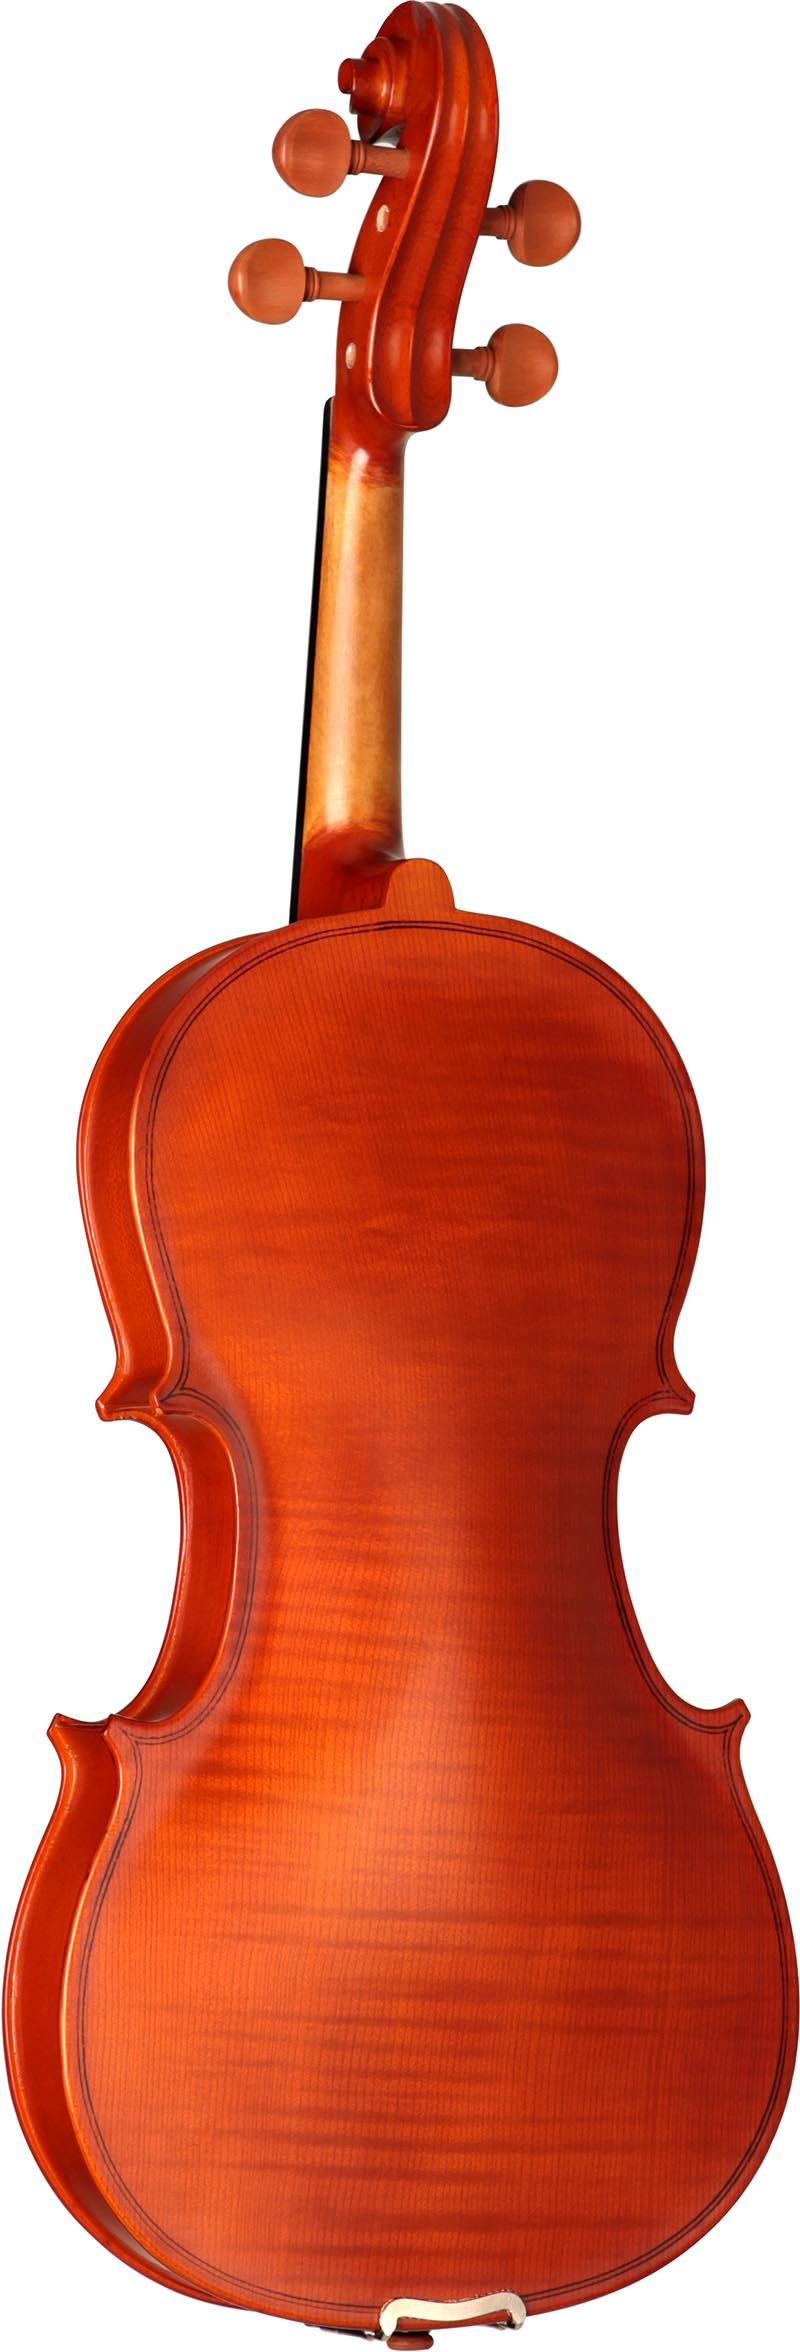 hva120 viola hofma hva120 visao posterior vertical